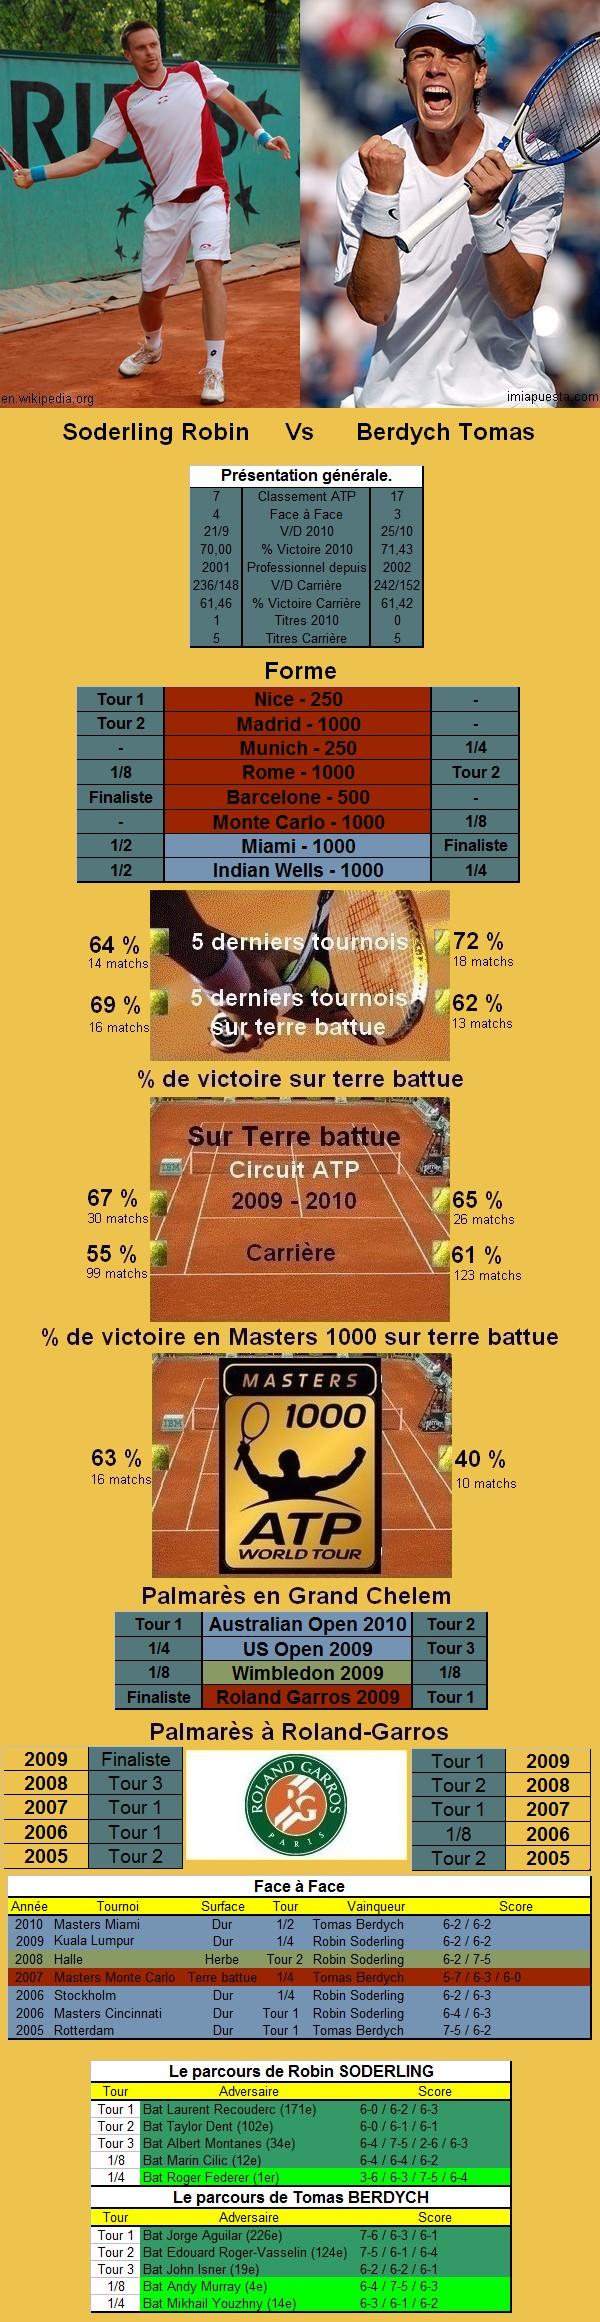 Statistiques tennis de Soderling contre Berdych à Roland Garros